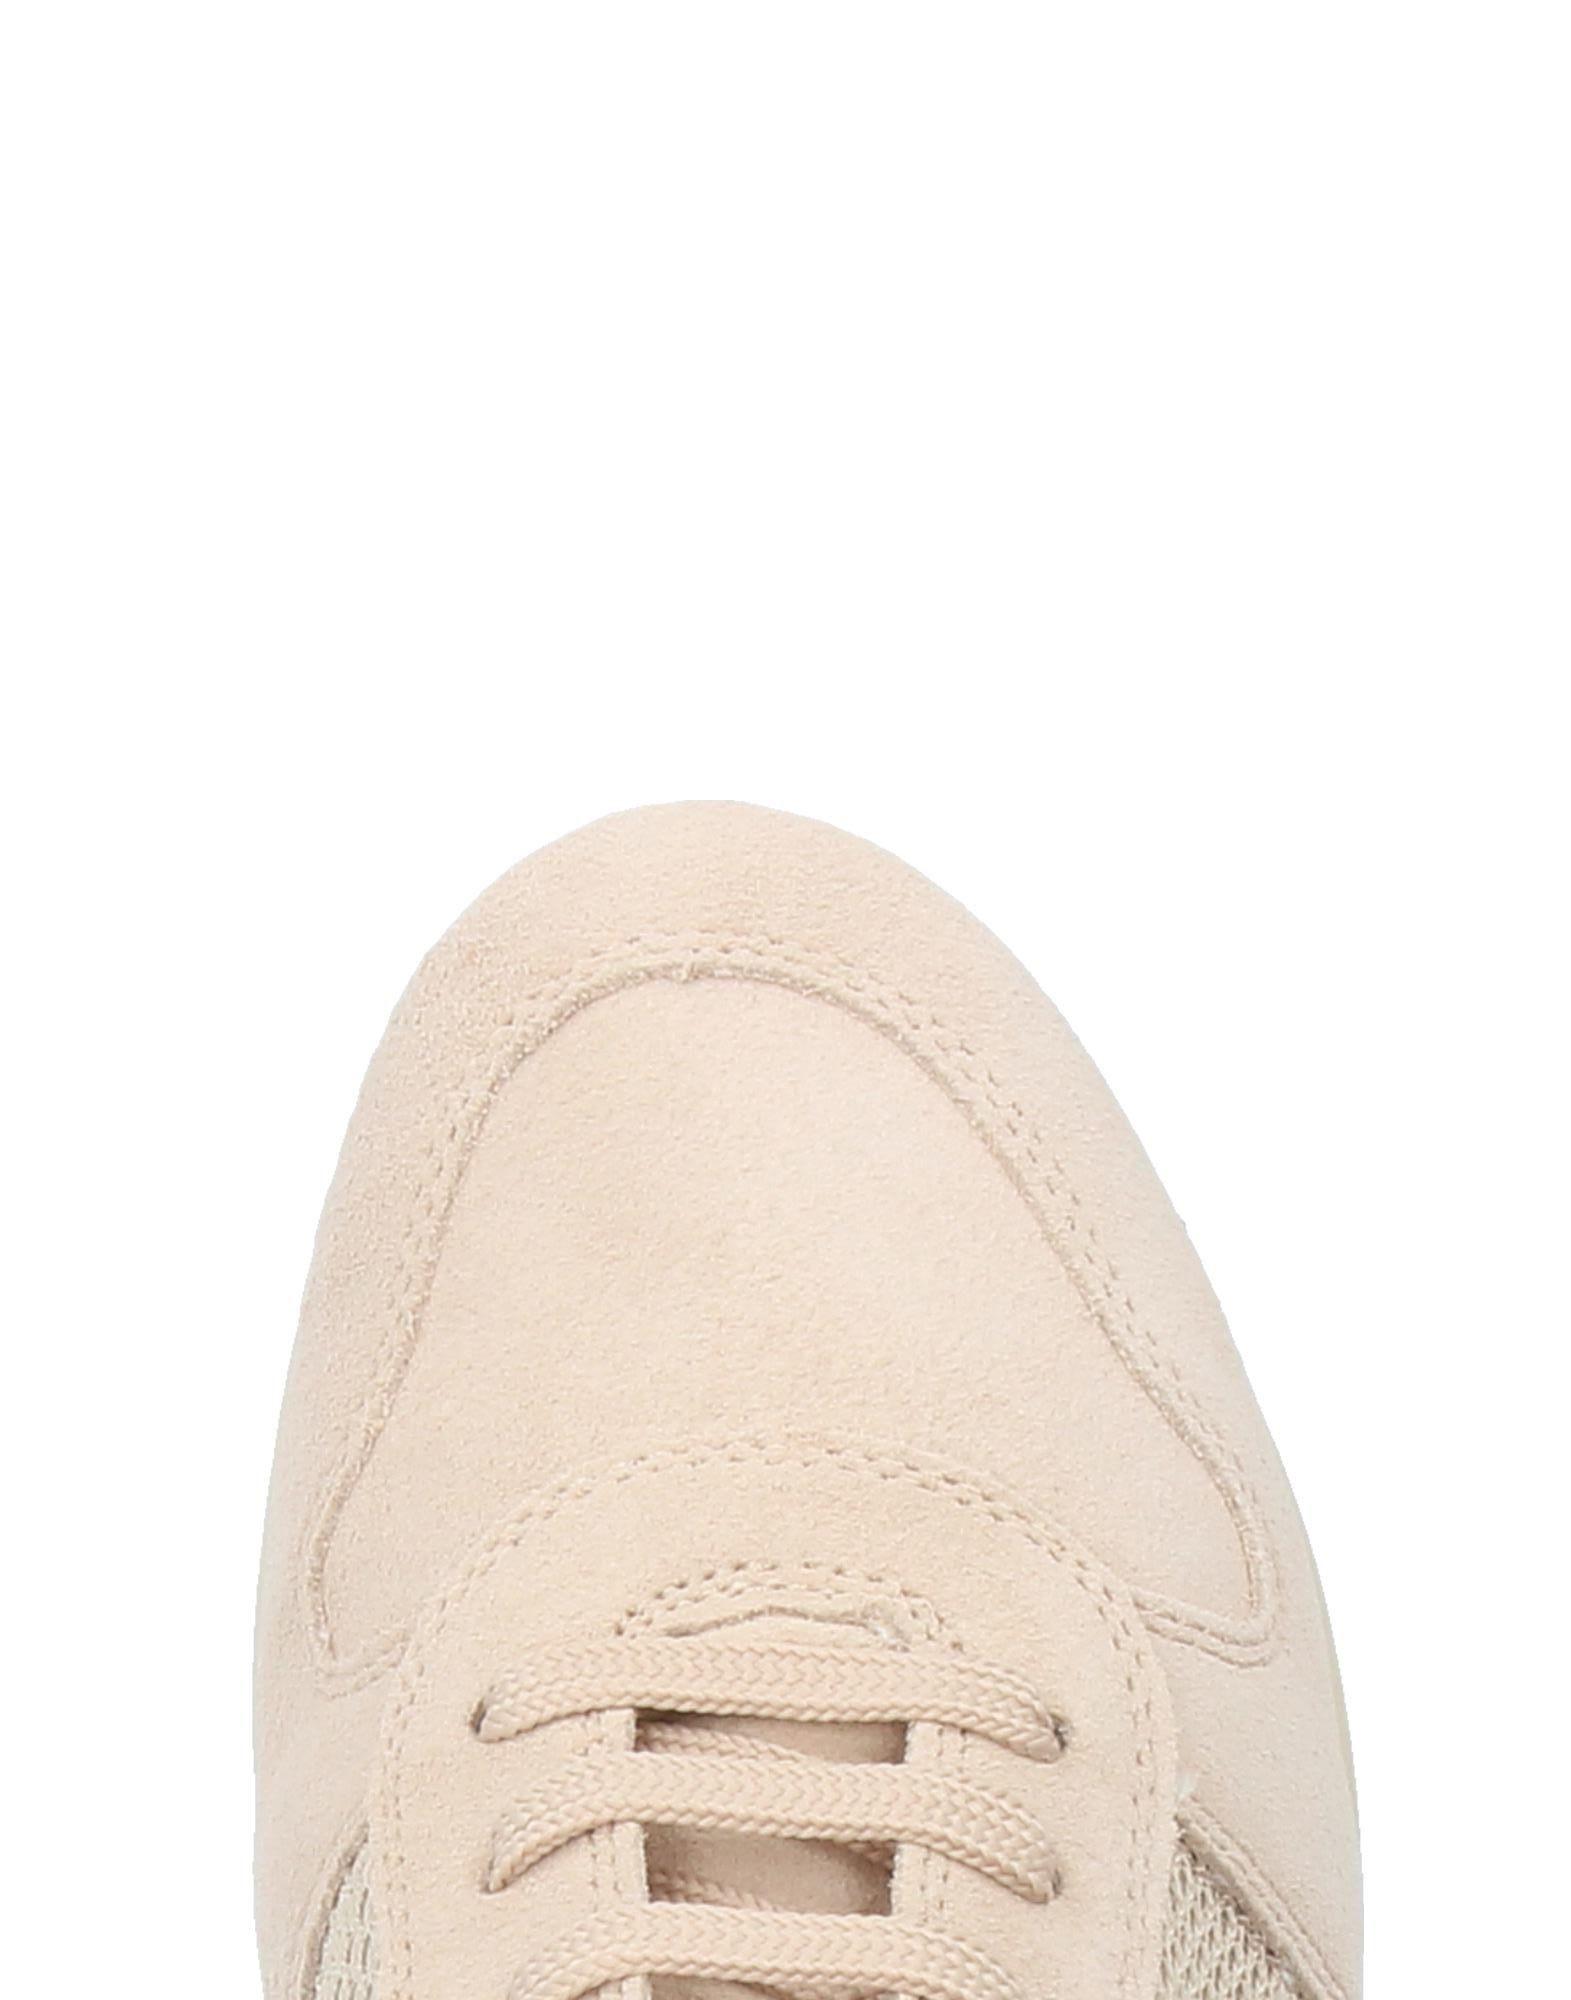 Geox Sneakers Damen Damen Sneakers  11392403IV  9032aa